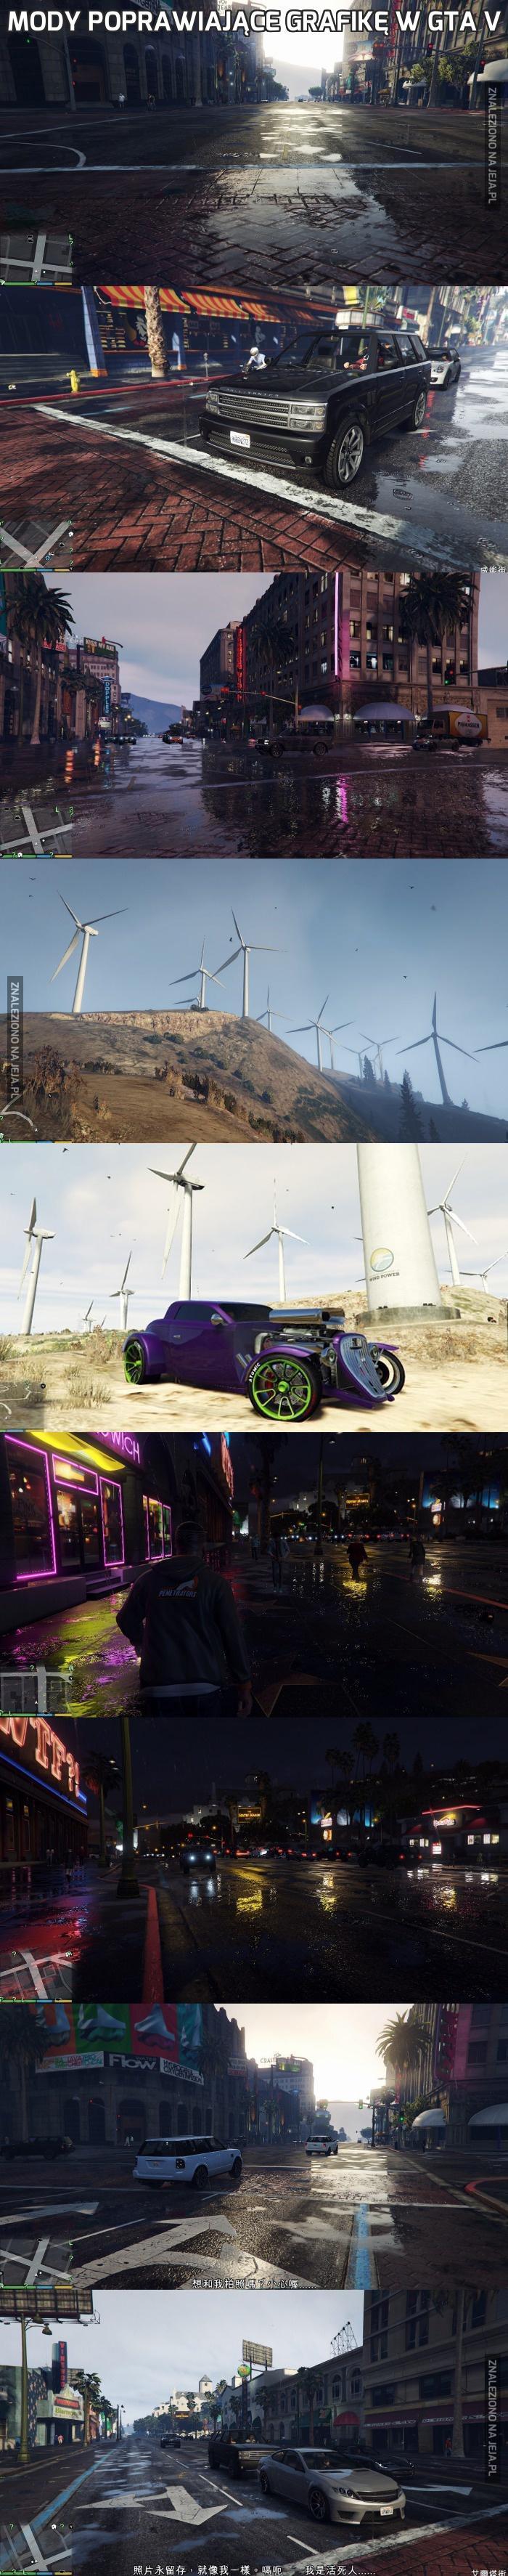 Mody poprawiające grafikę w GTA V